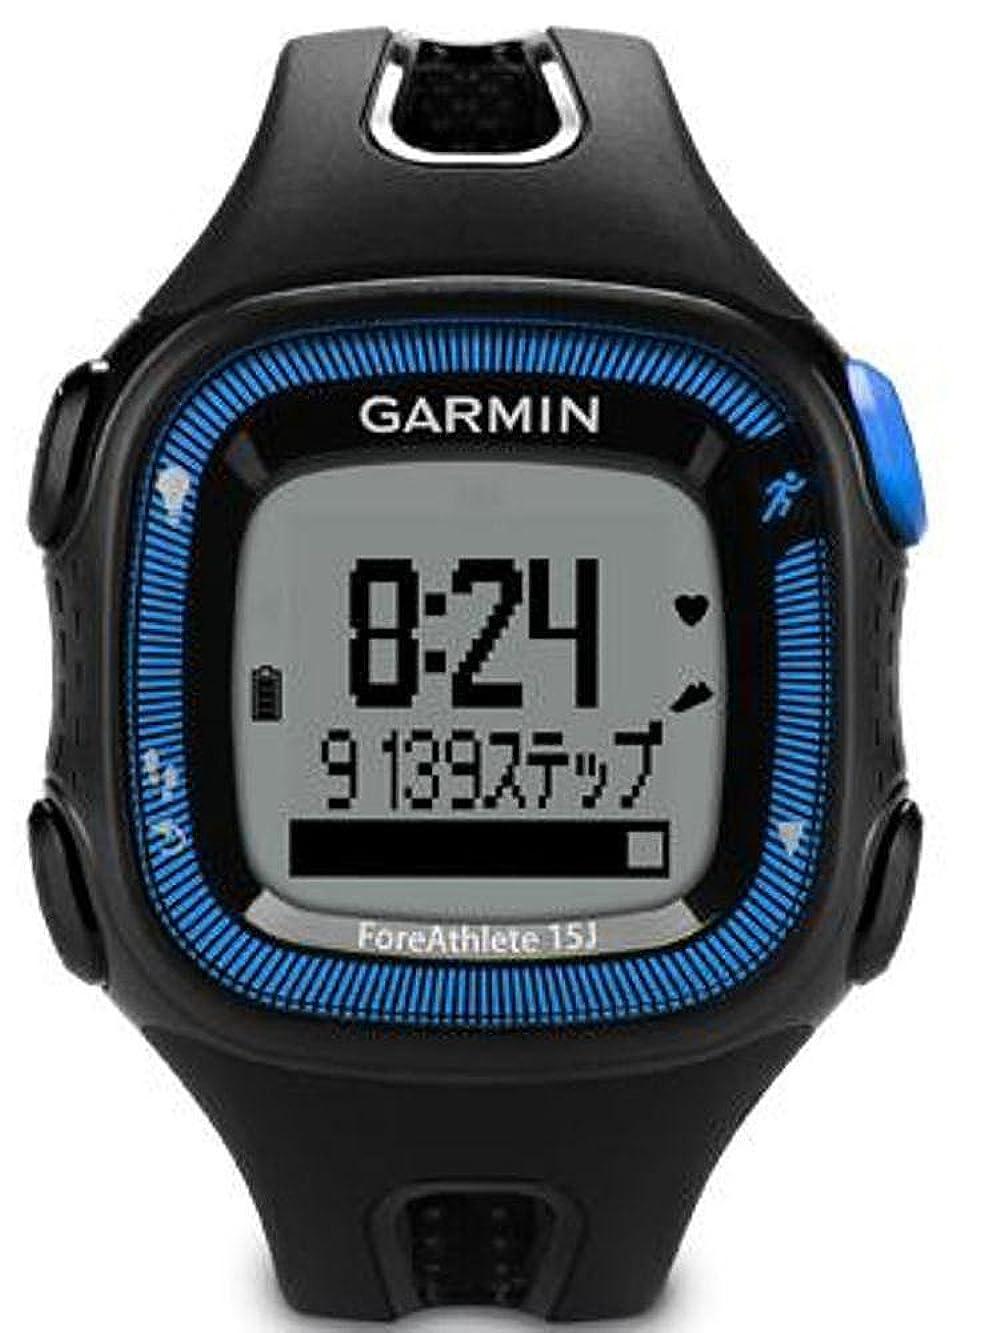 モバイル助言曲げるGARMIN(ガーミン) ランニングGPS ForeAthlete 15J ブラック/ブルー 【日本正規品】 124104